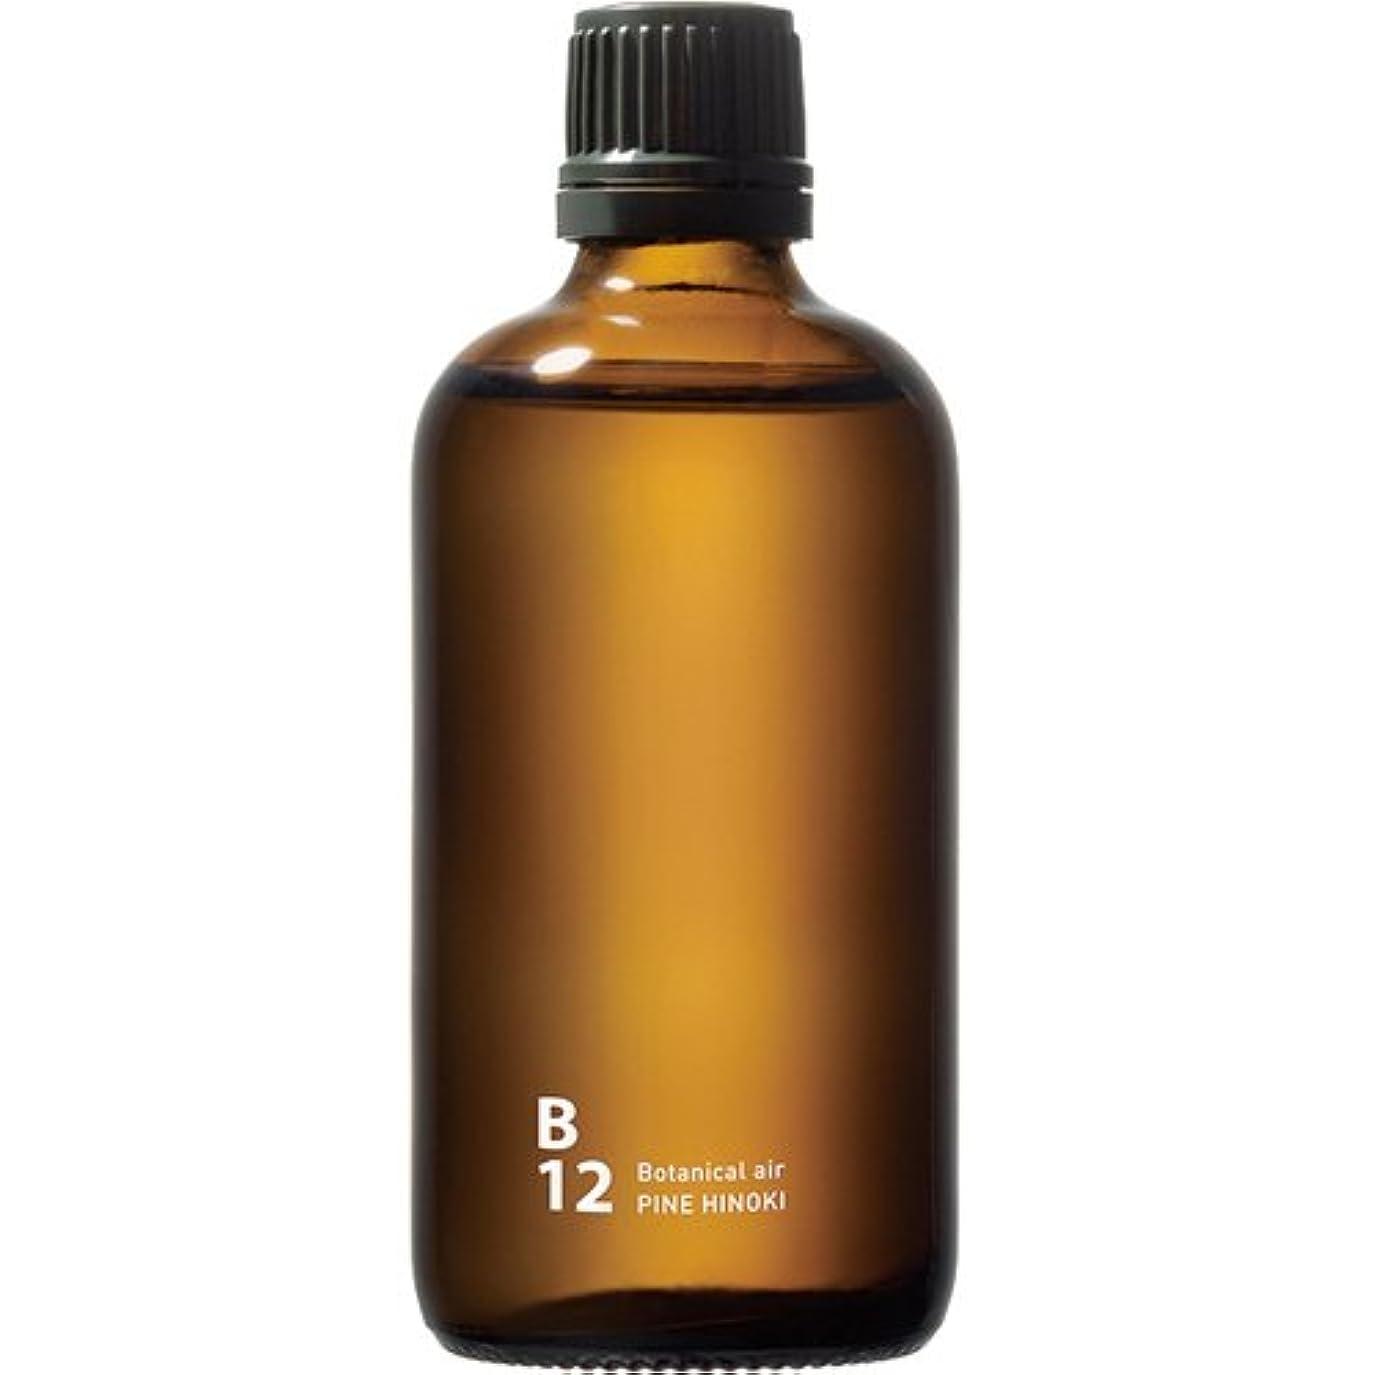 重要な困惑する悪行B12 PINE HINOKI piezo aroma oil 100ml